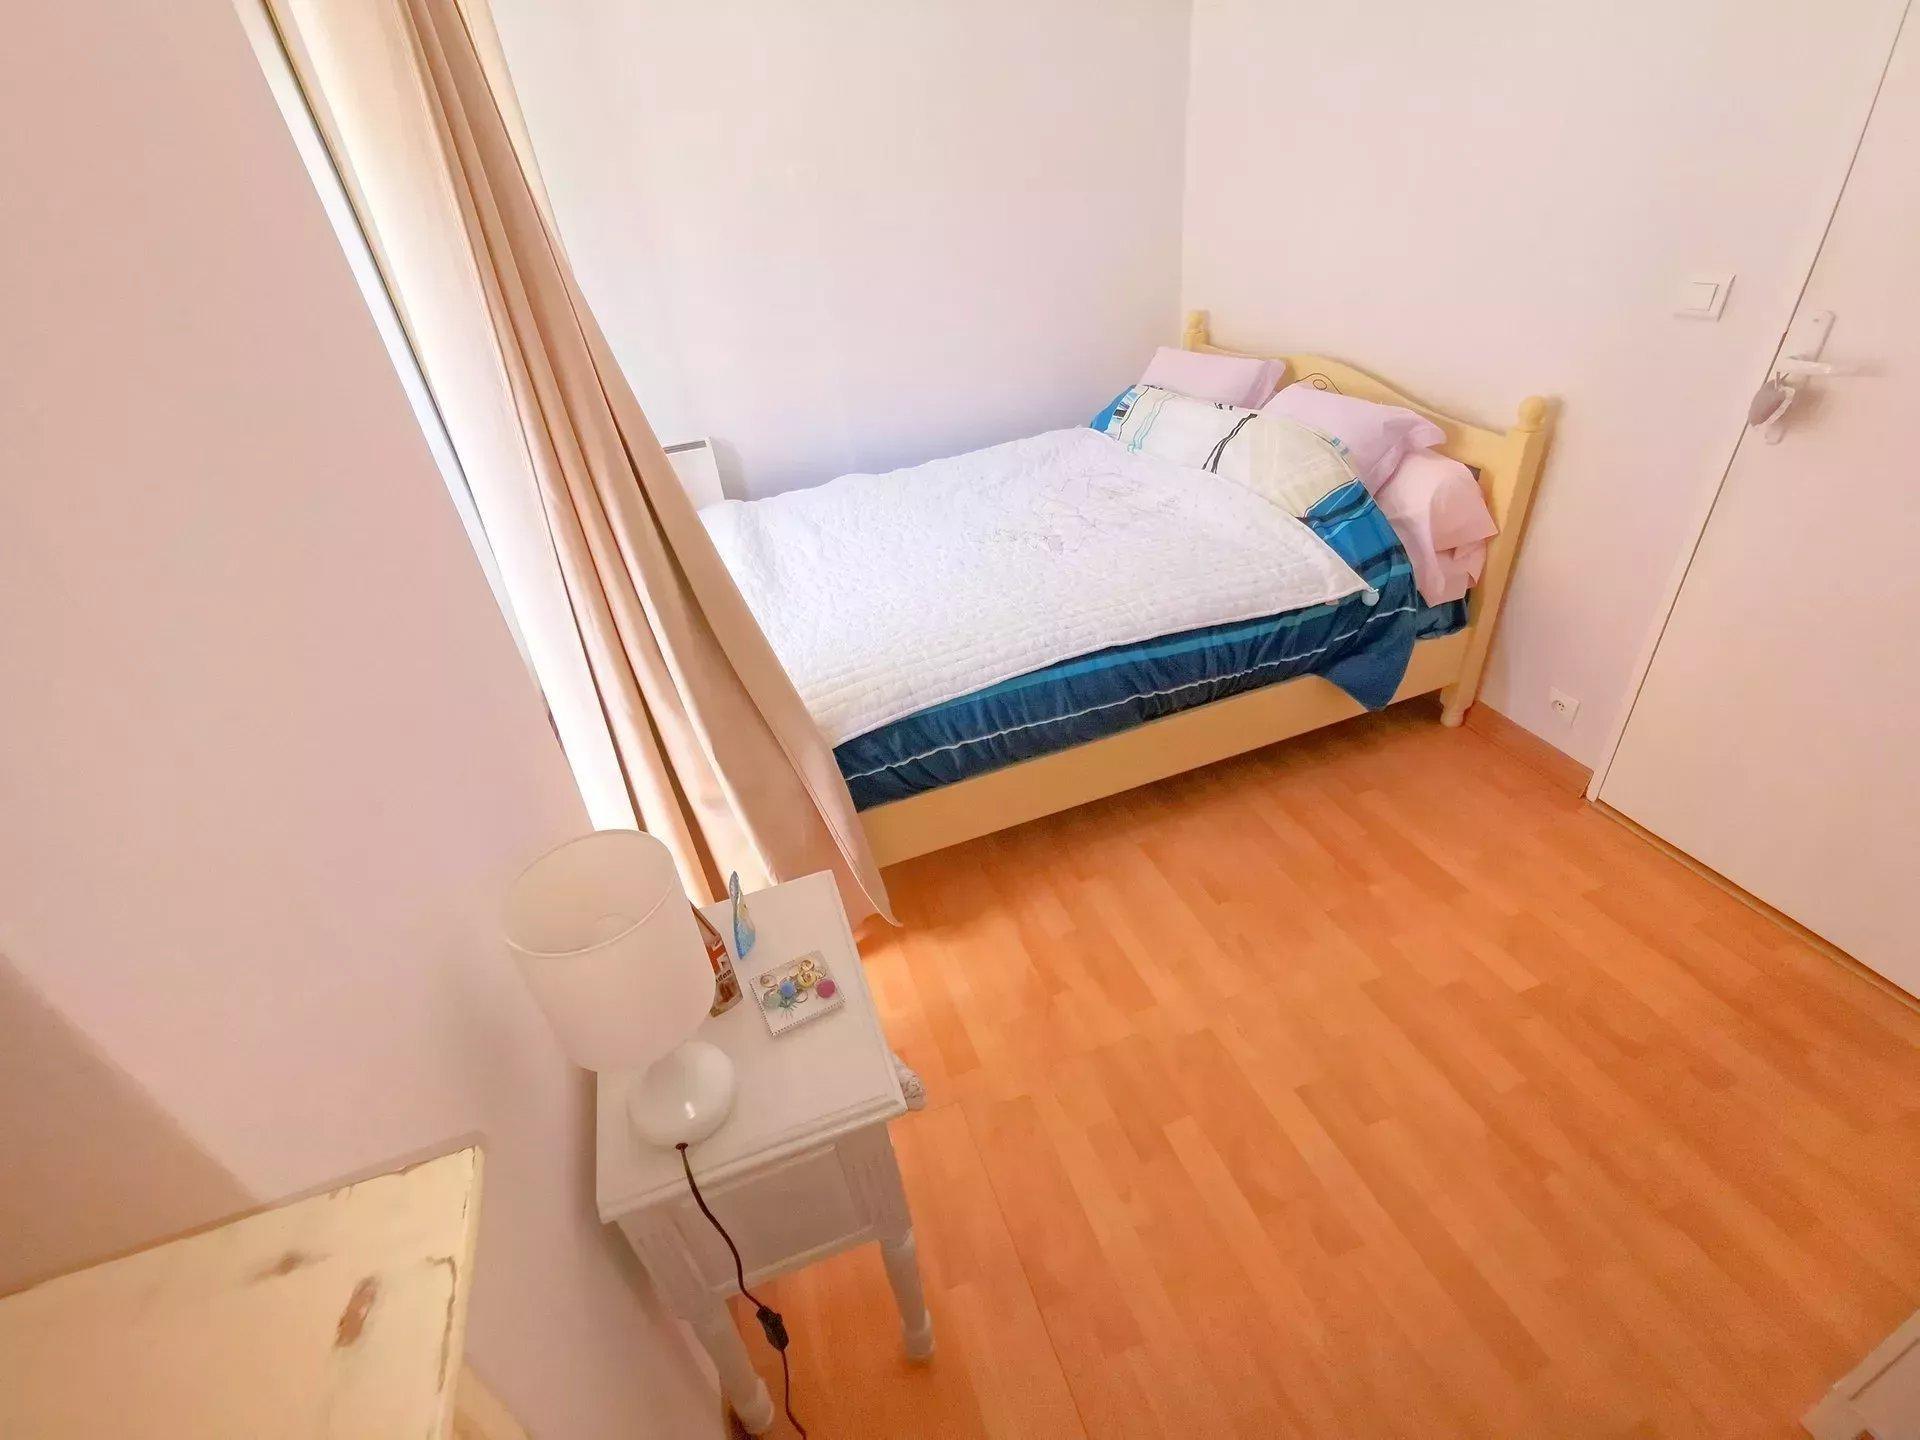 A vendre appartement  107 m² à Petit Quevilly